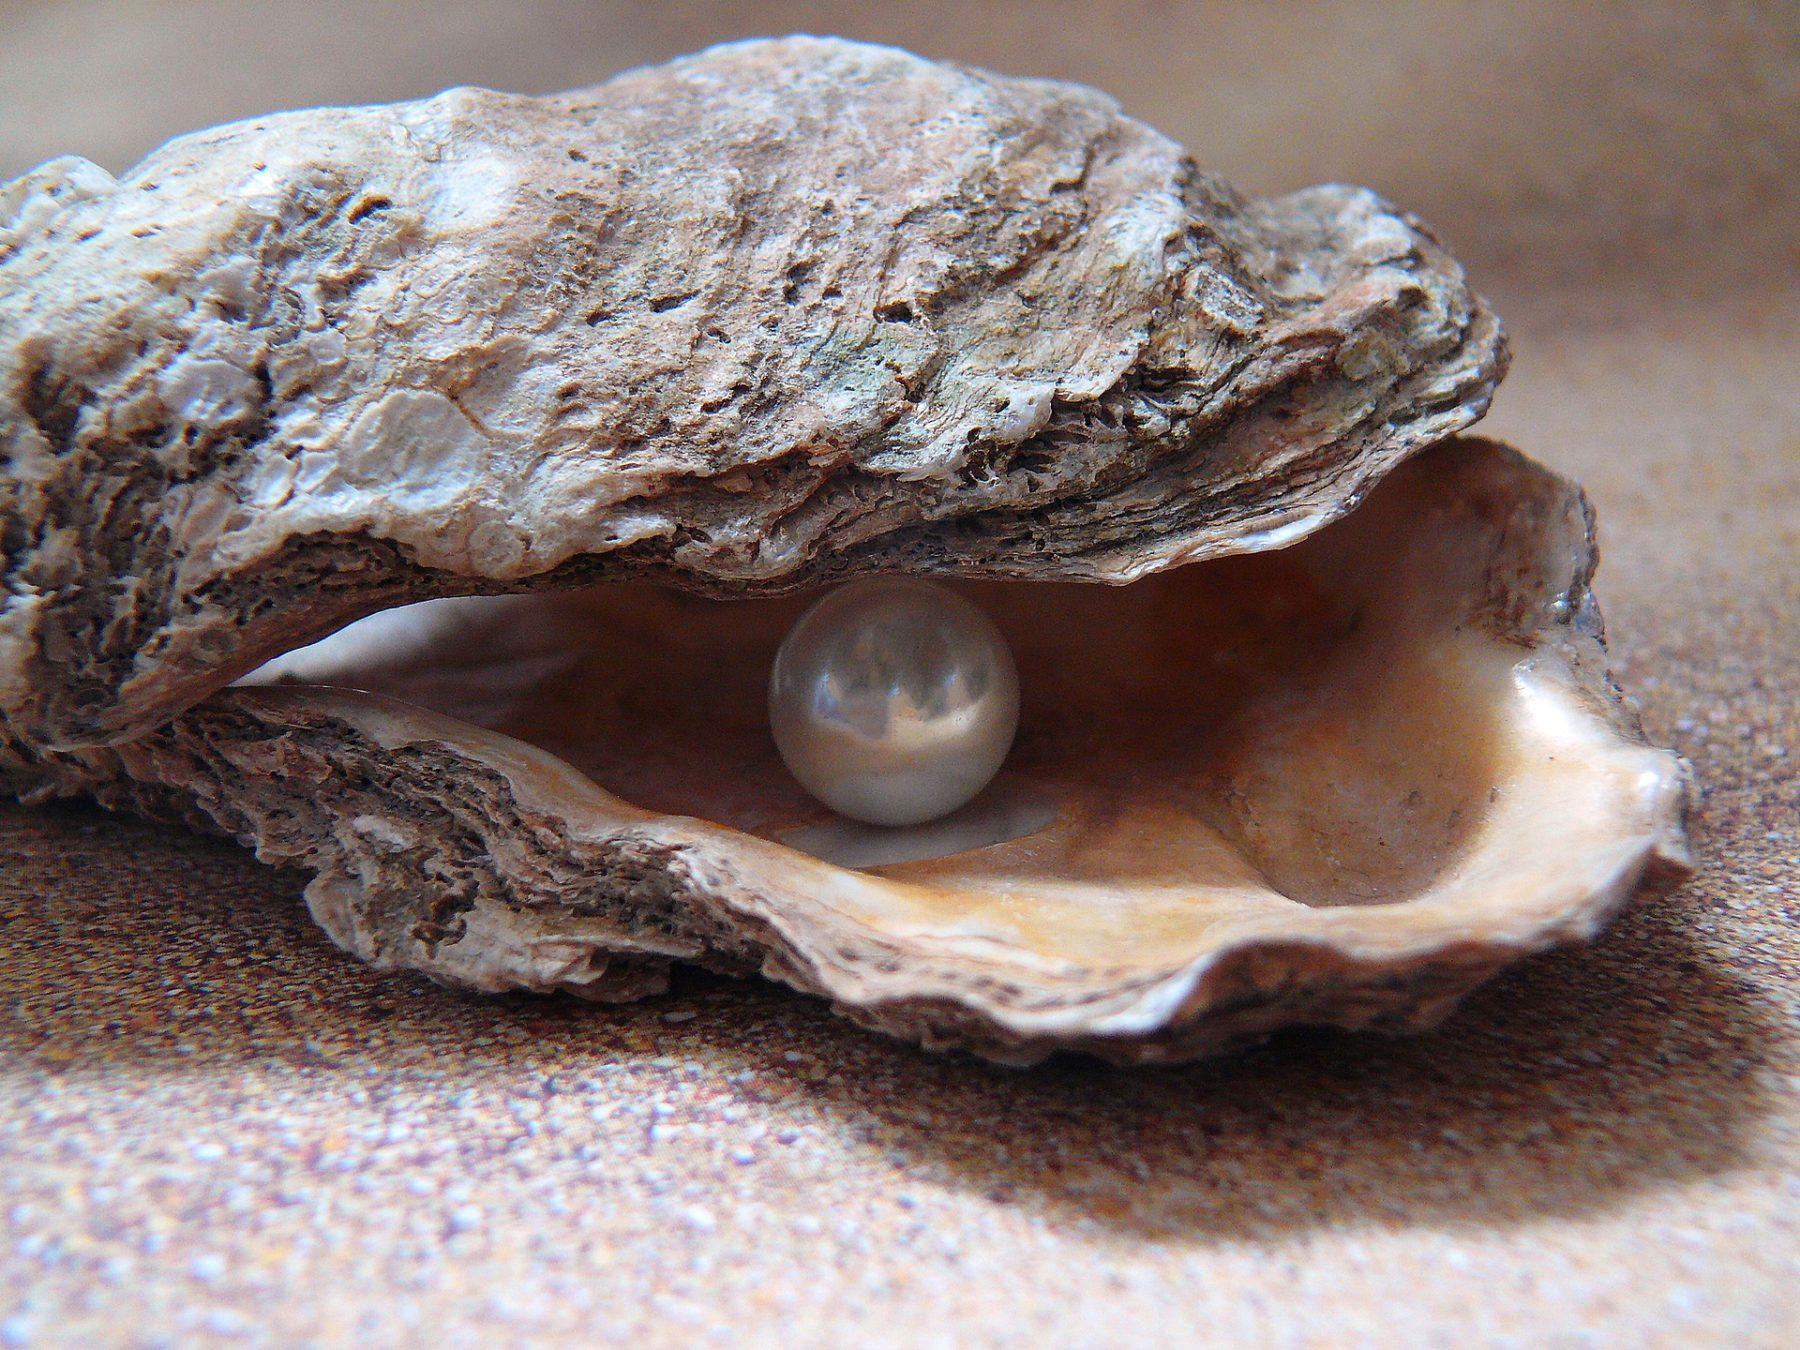 foto van een lege oesterschelp met 1 ronde parel in. Om aan te geven dat parels milieu nauw samenhangend is.